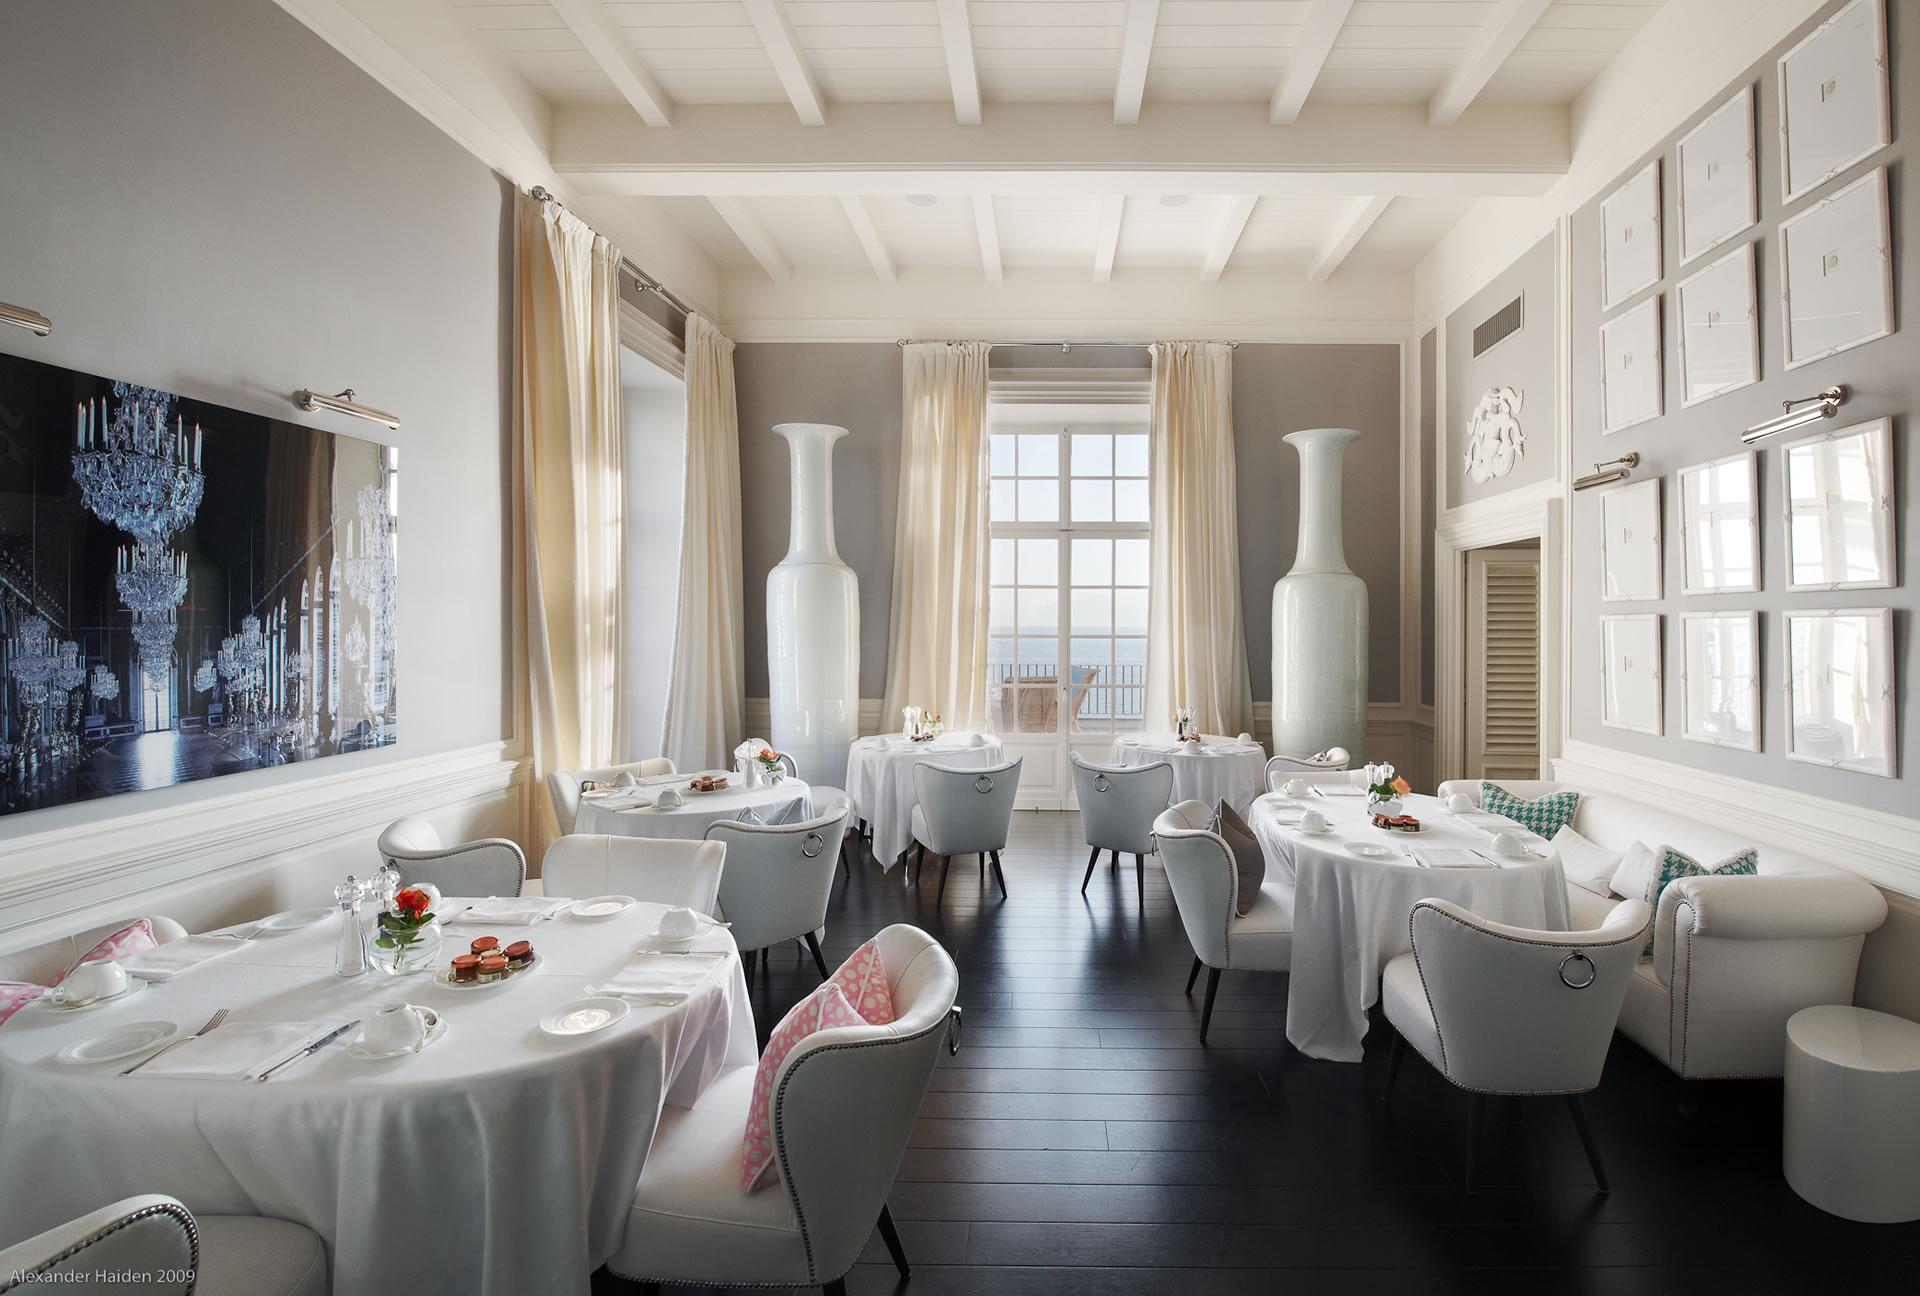 Hôtels Paris : Salle de l'hôtel JK Place Paris